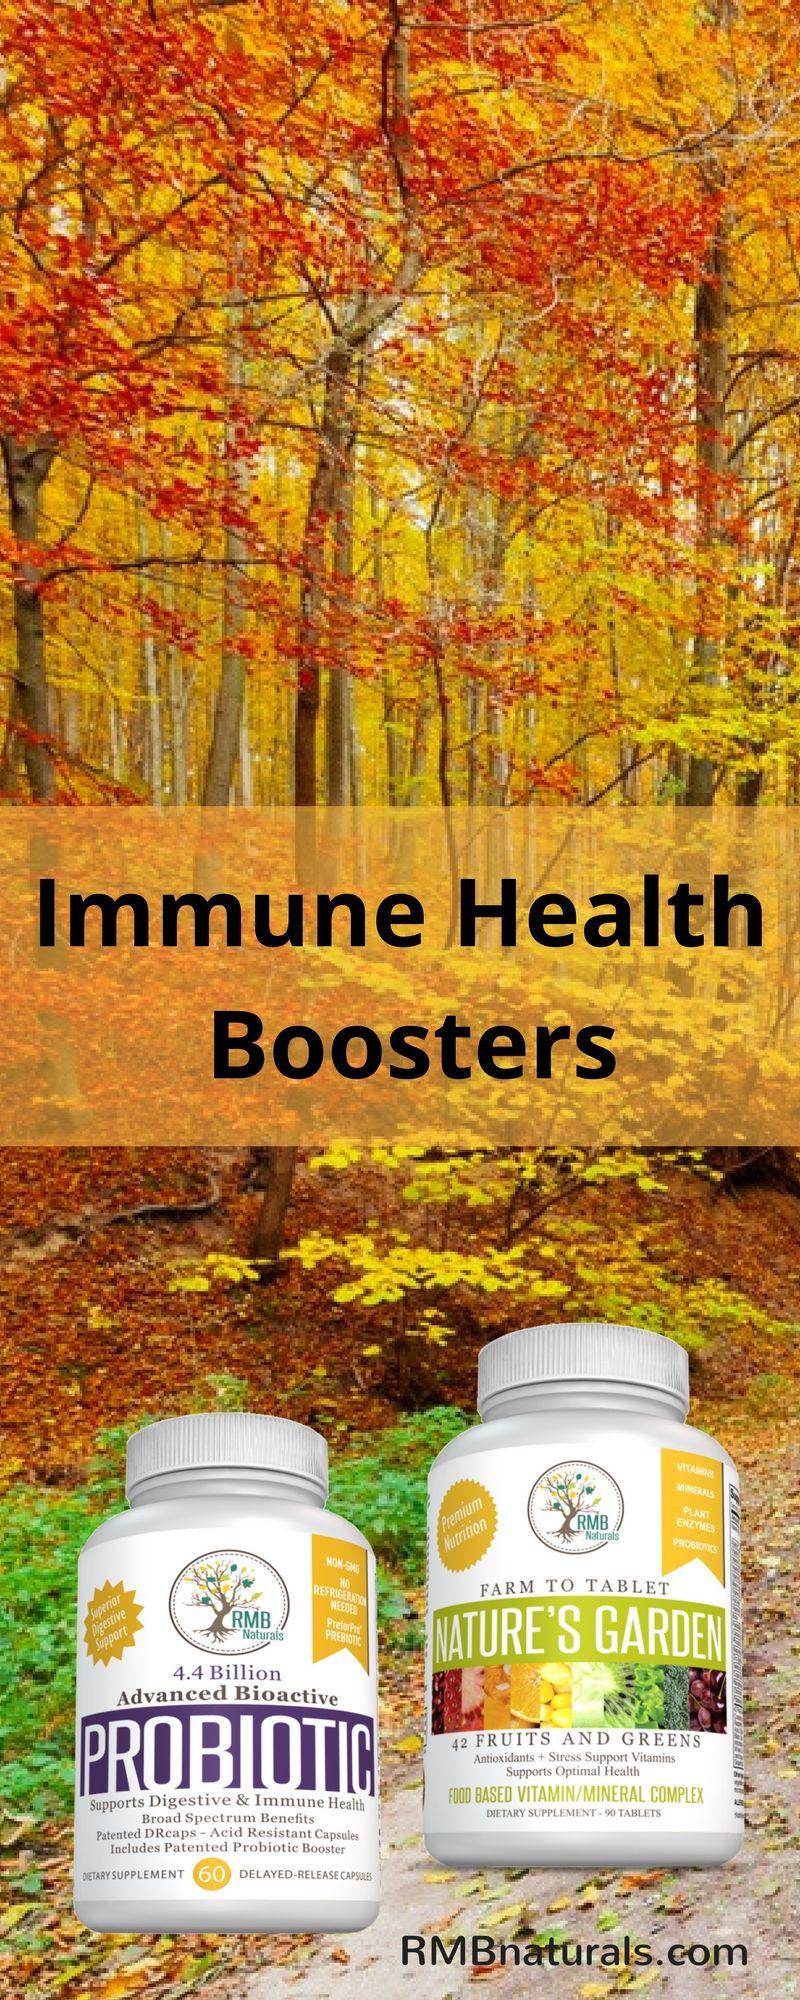 Advanced bioactive probiotic with prebiotics 60 delayed